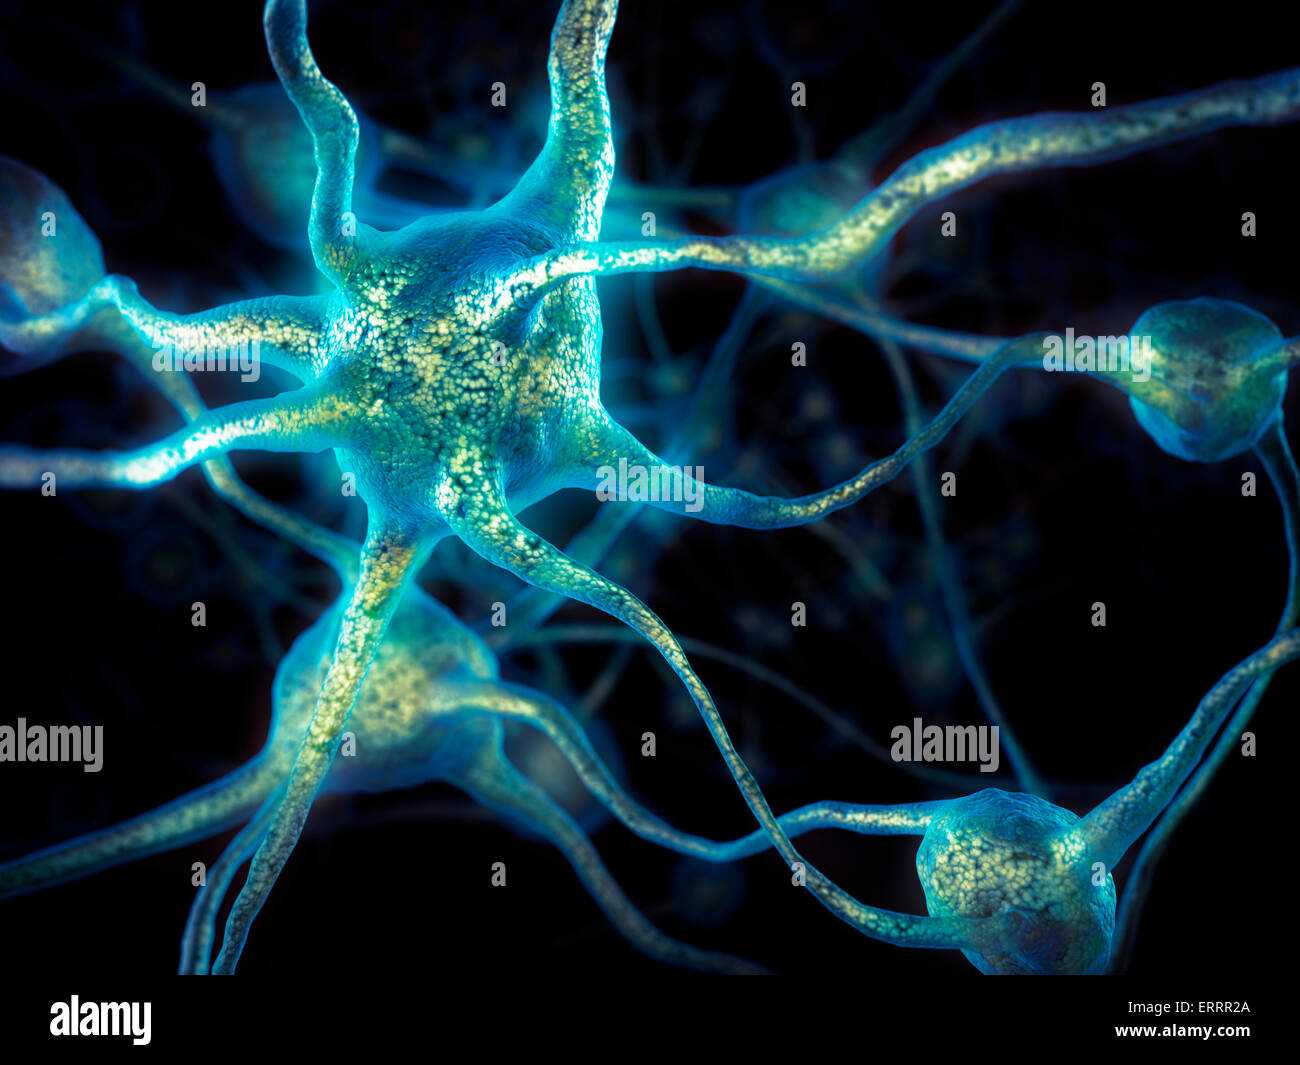 Netzwerk von Gehirnzellen, Neuronen, Nervensystem, konzeptionelle 3D Darstellung Stockbild